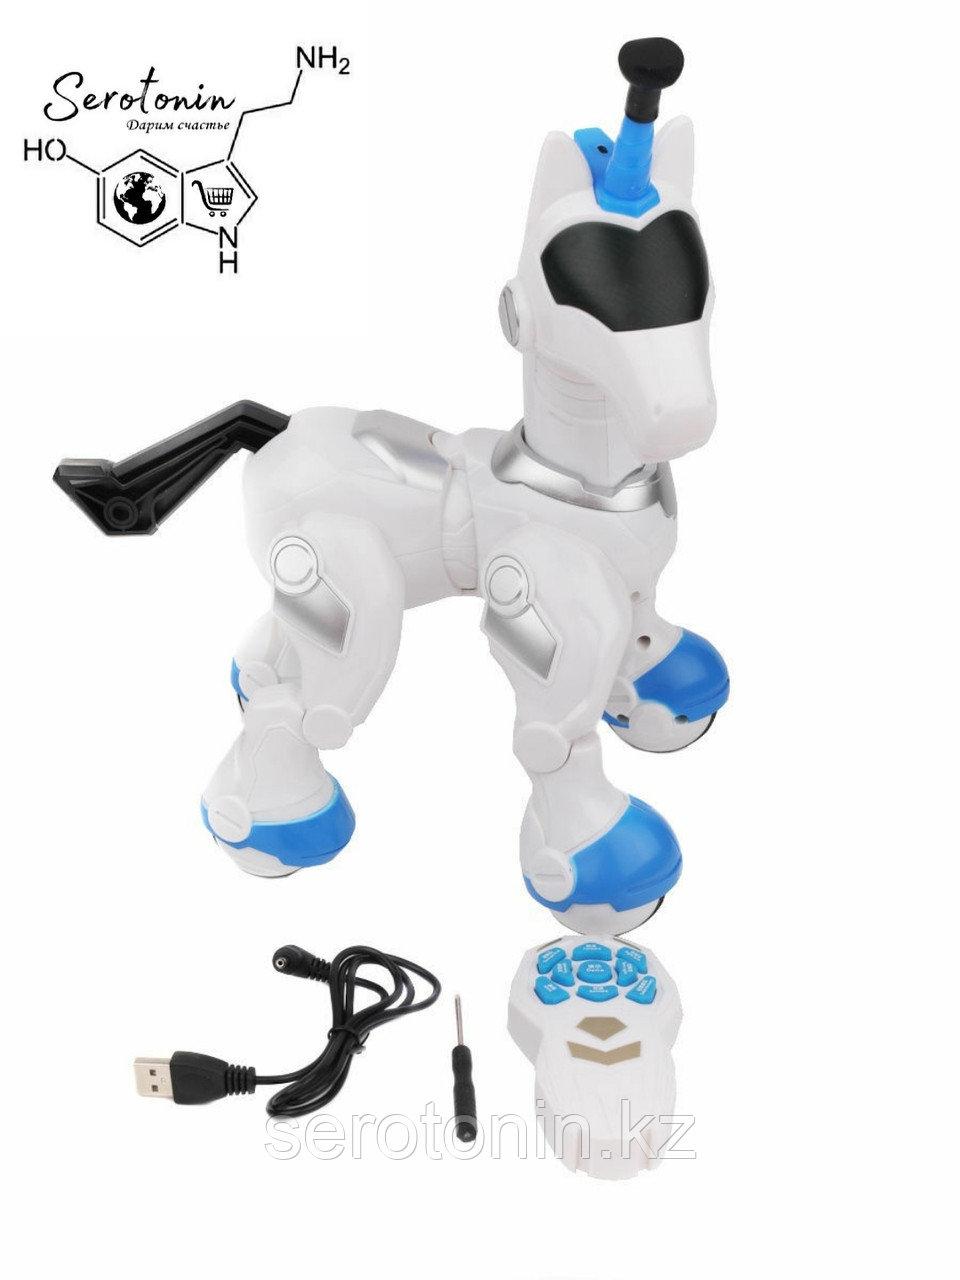 Робот Единорог на пульте  управлении